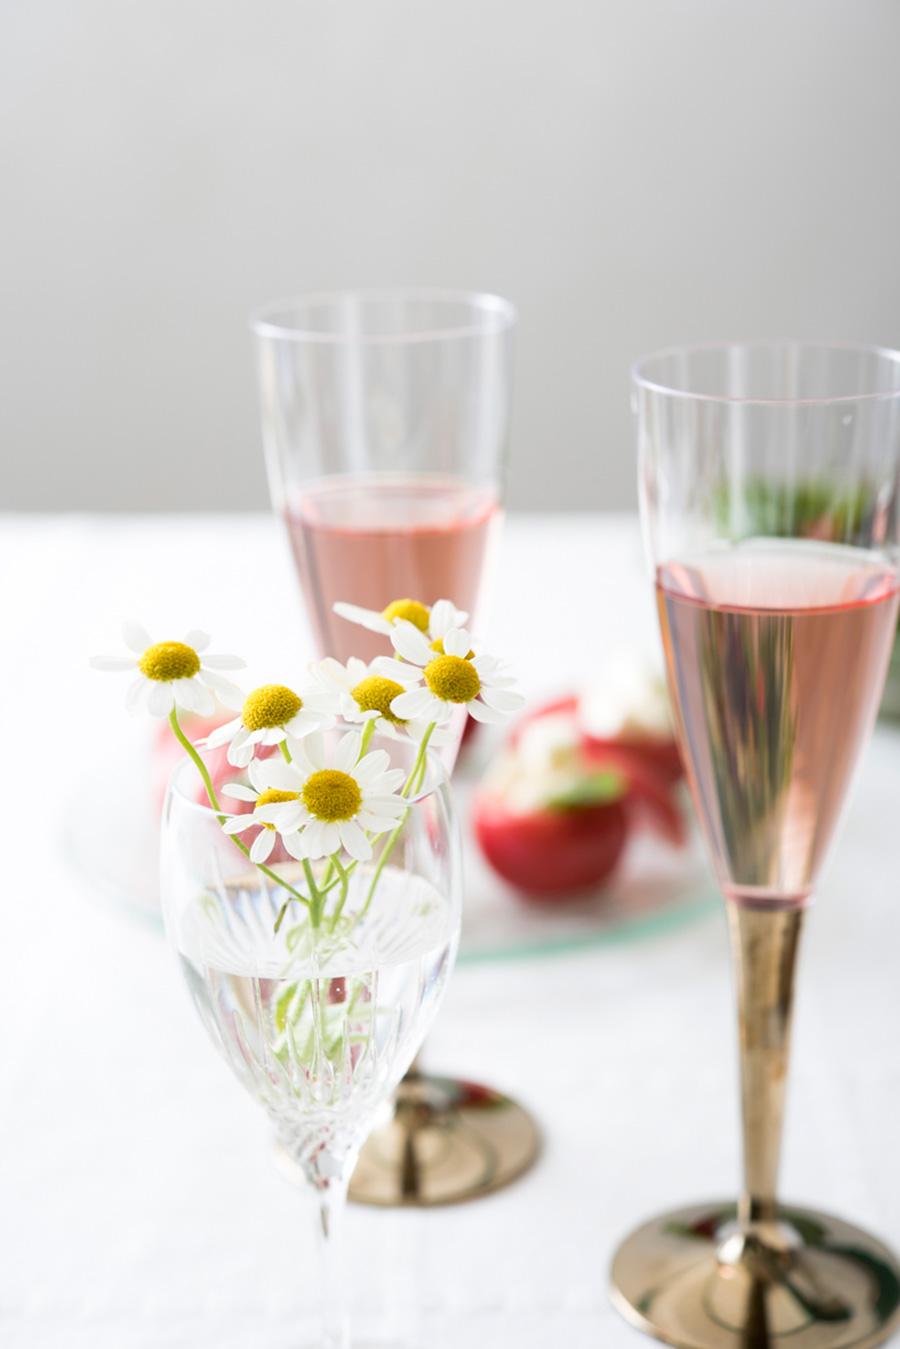 おしゃれなのに廉価で買える、使い捨てのワイングラスなどが女子会向き。